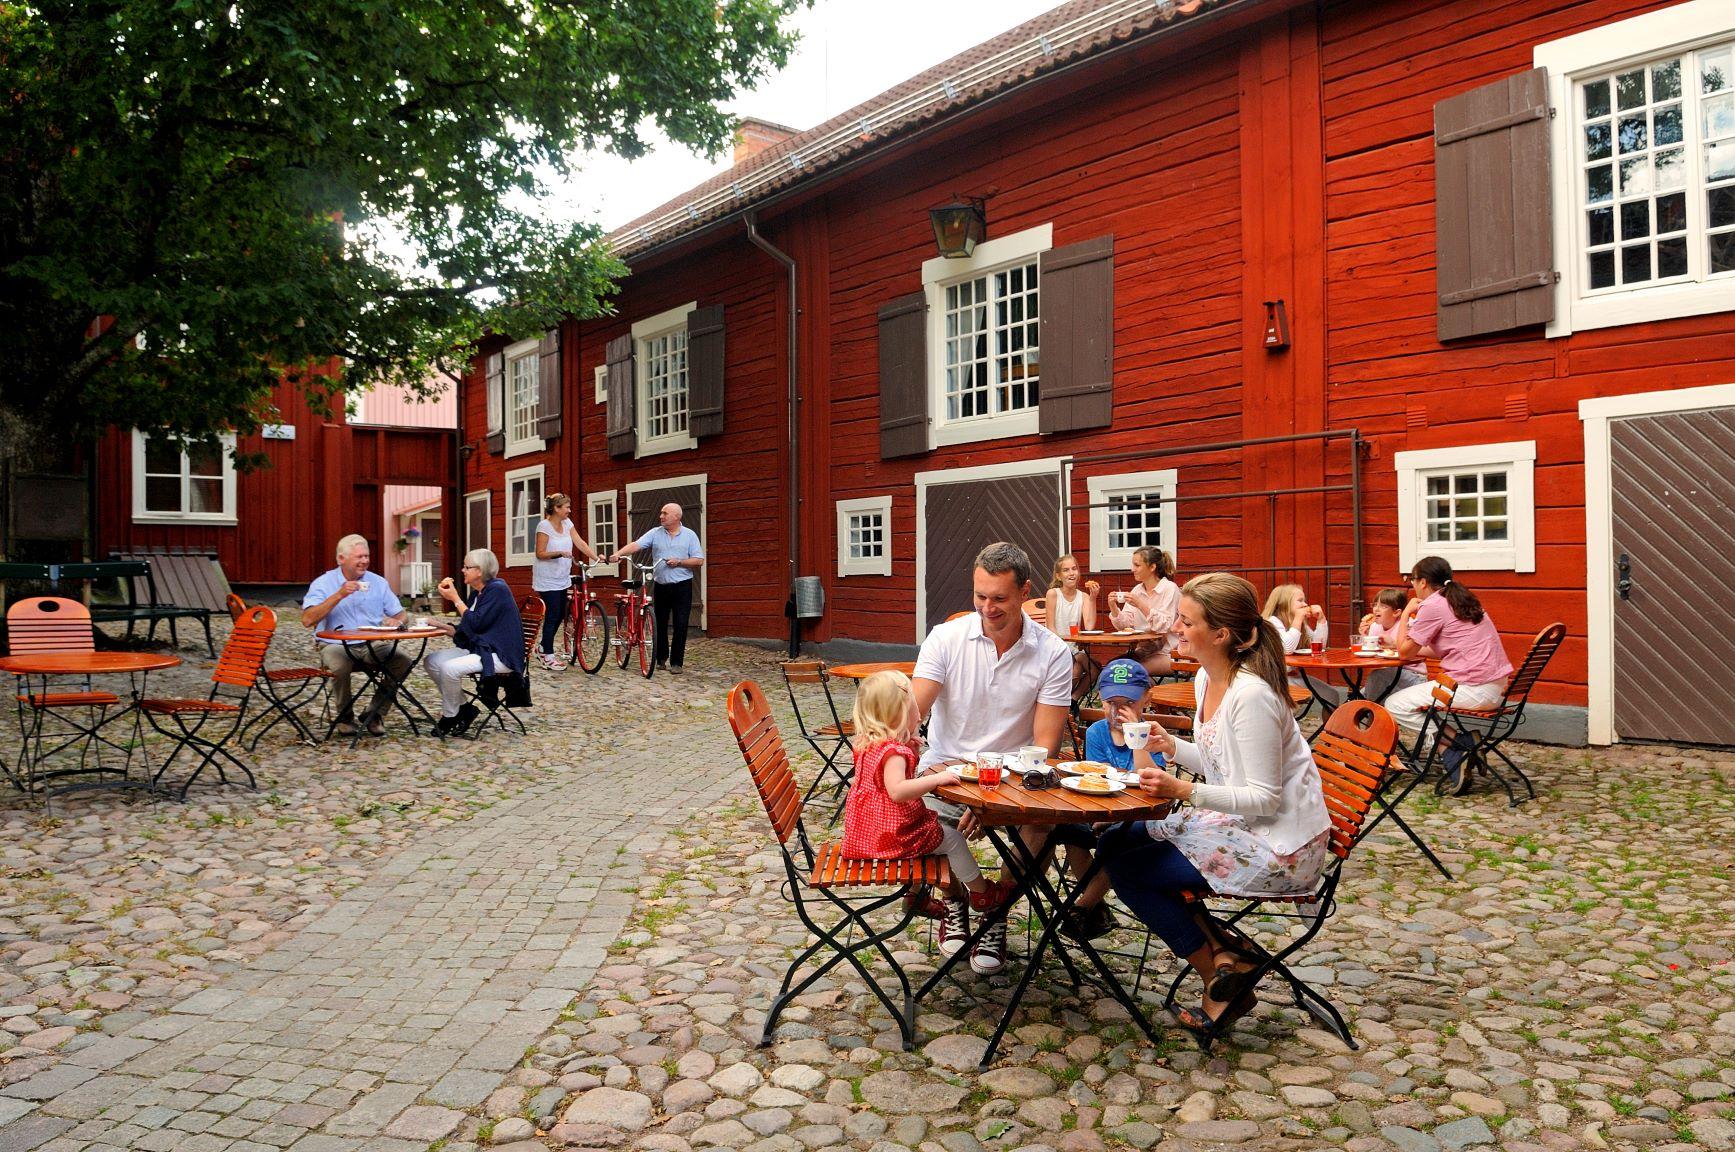 Eksjö - The unique wooden town